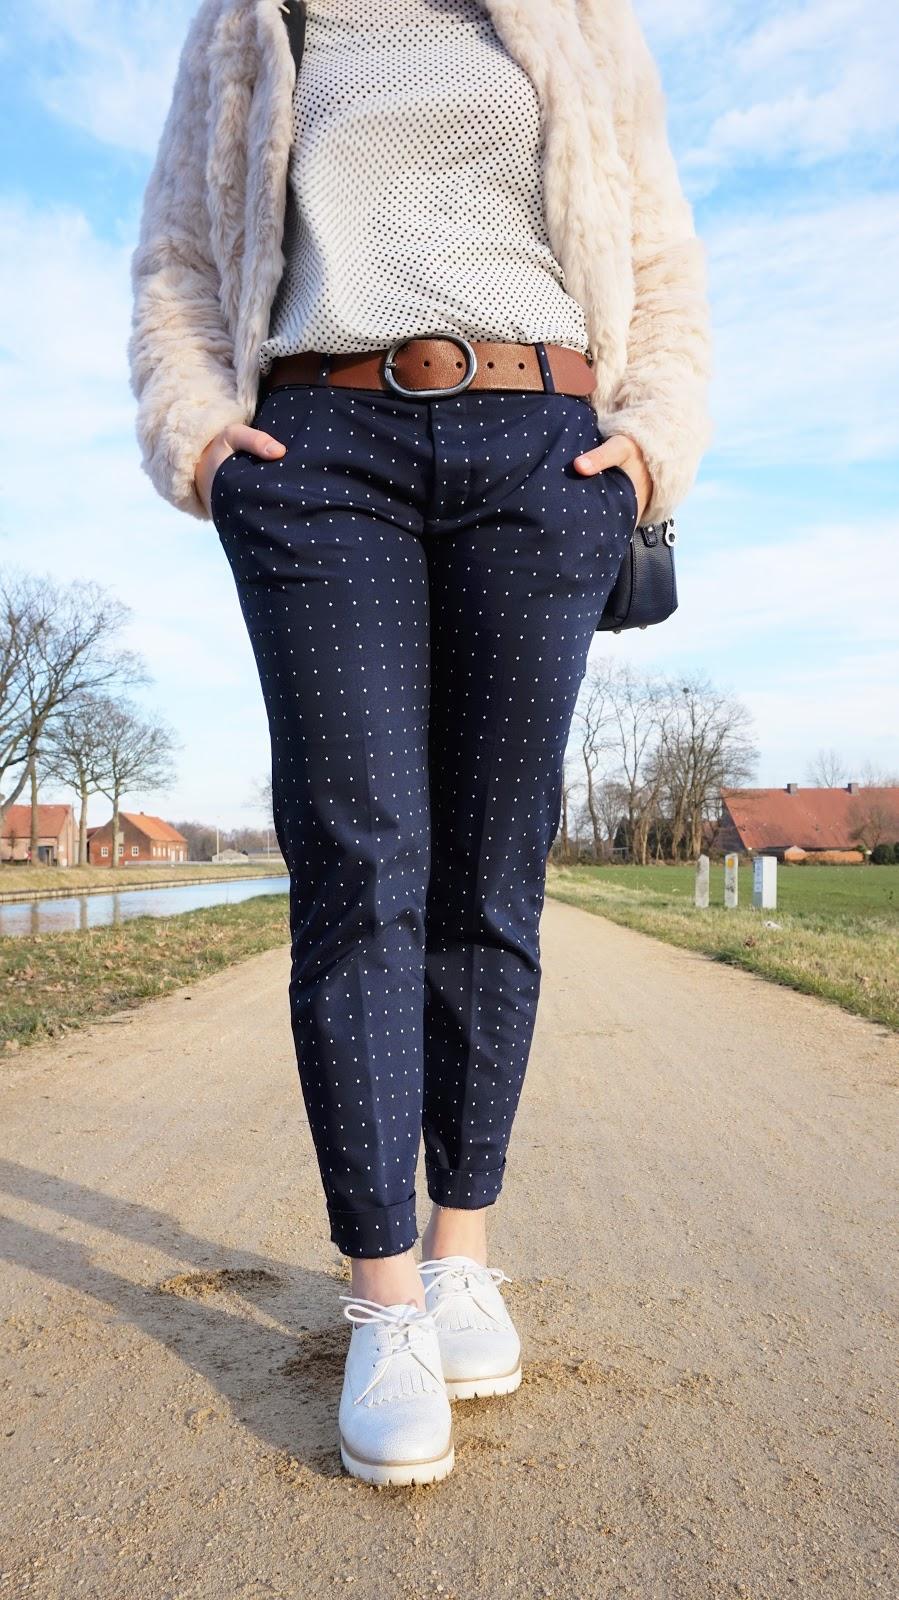 DSC04020 | Eline Van Dingenen